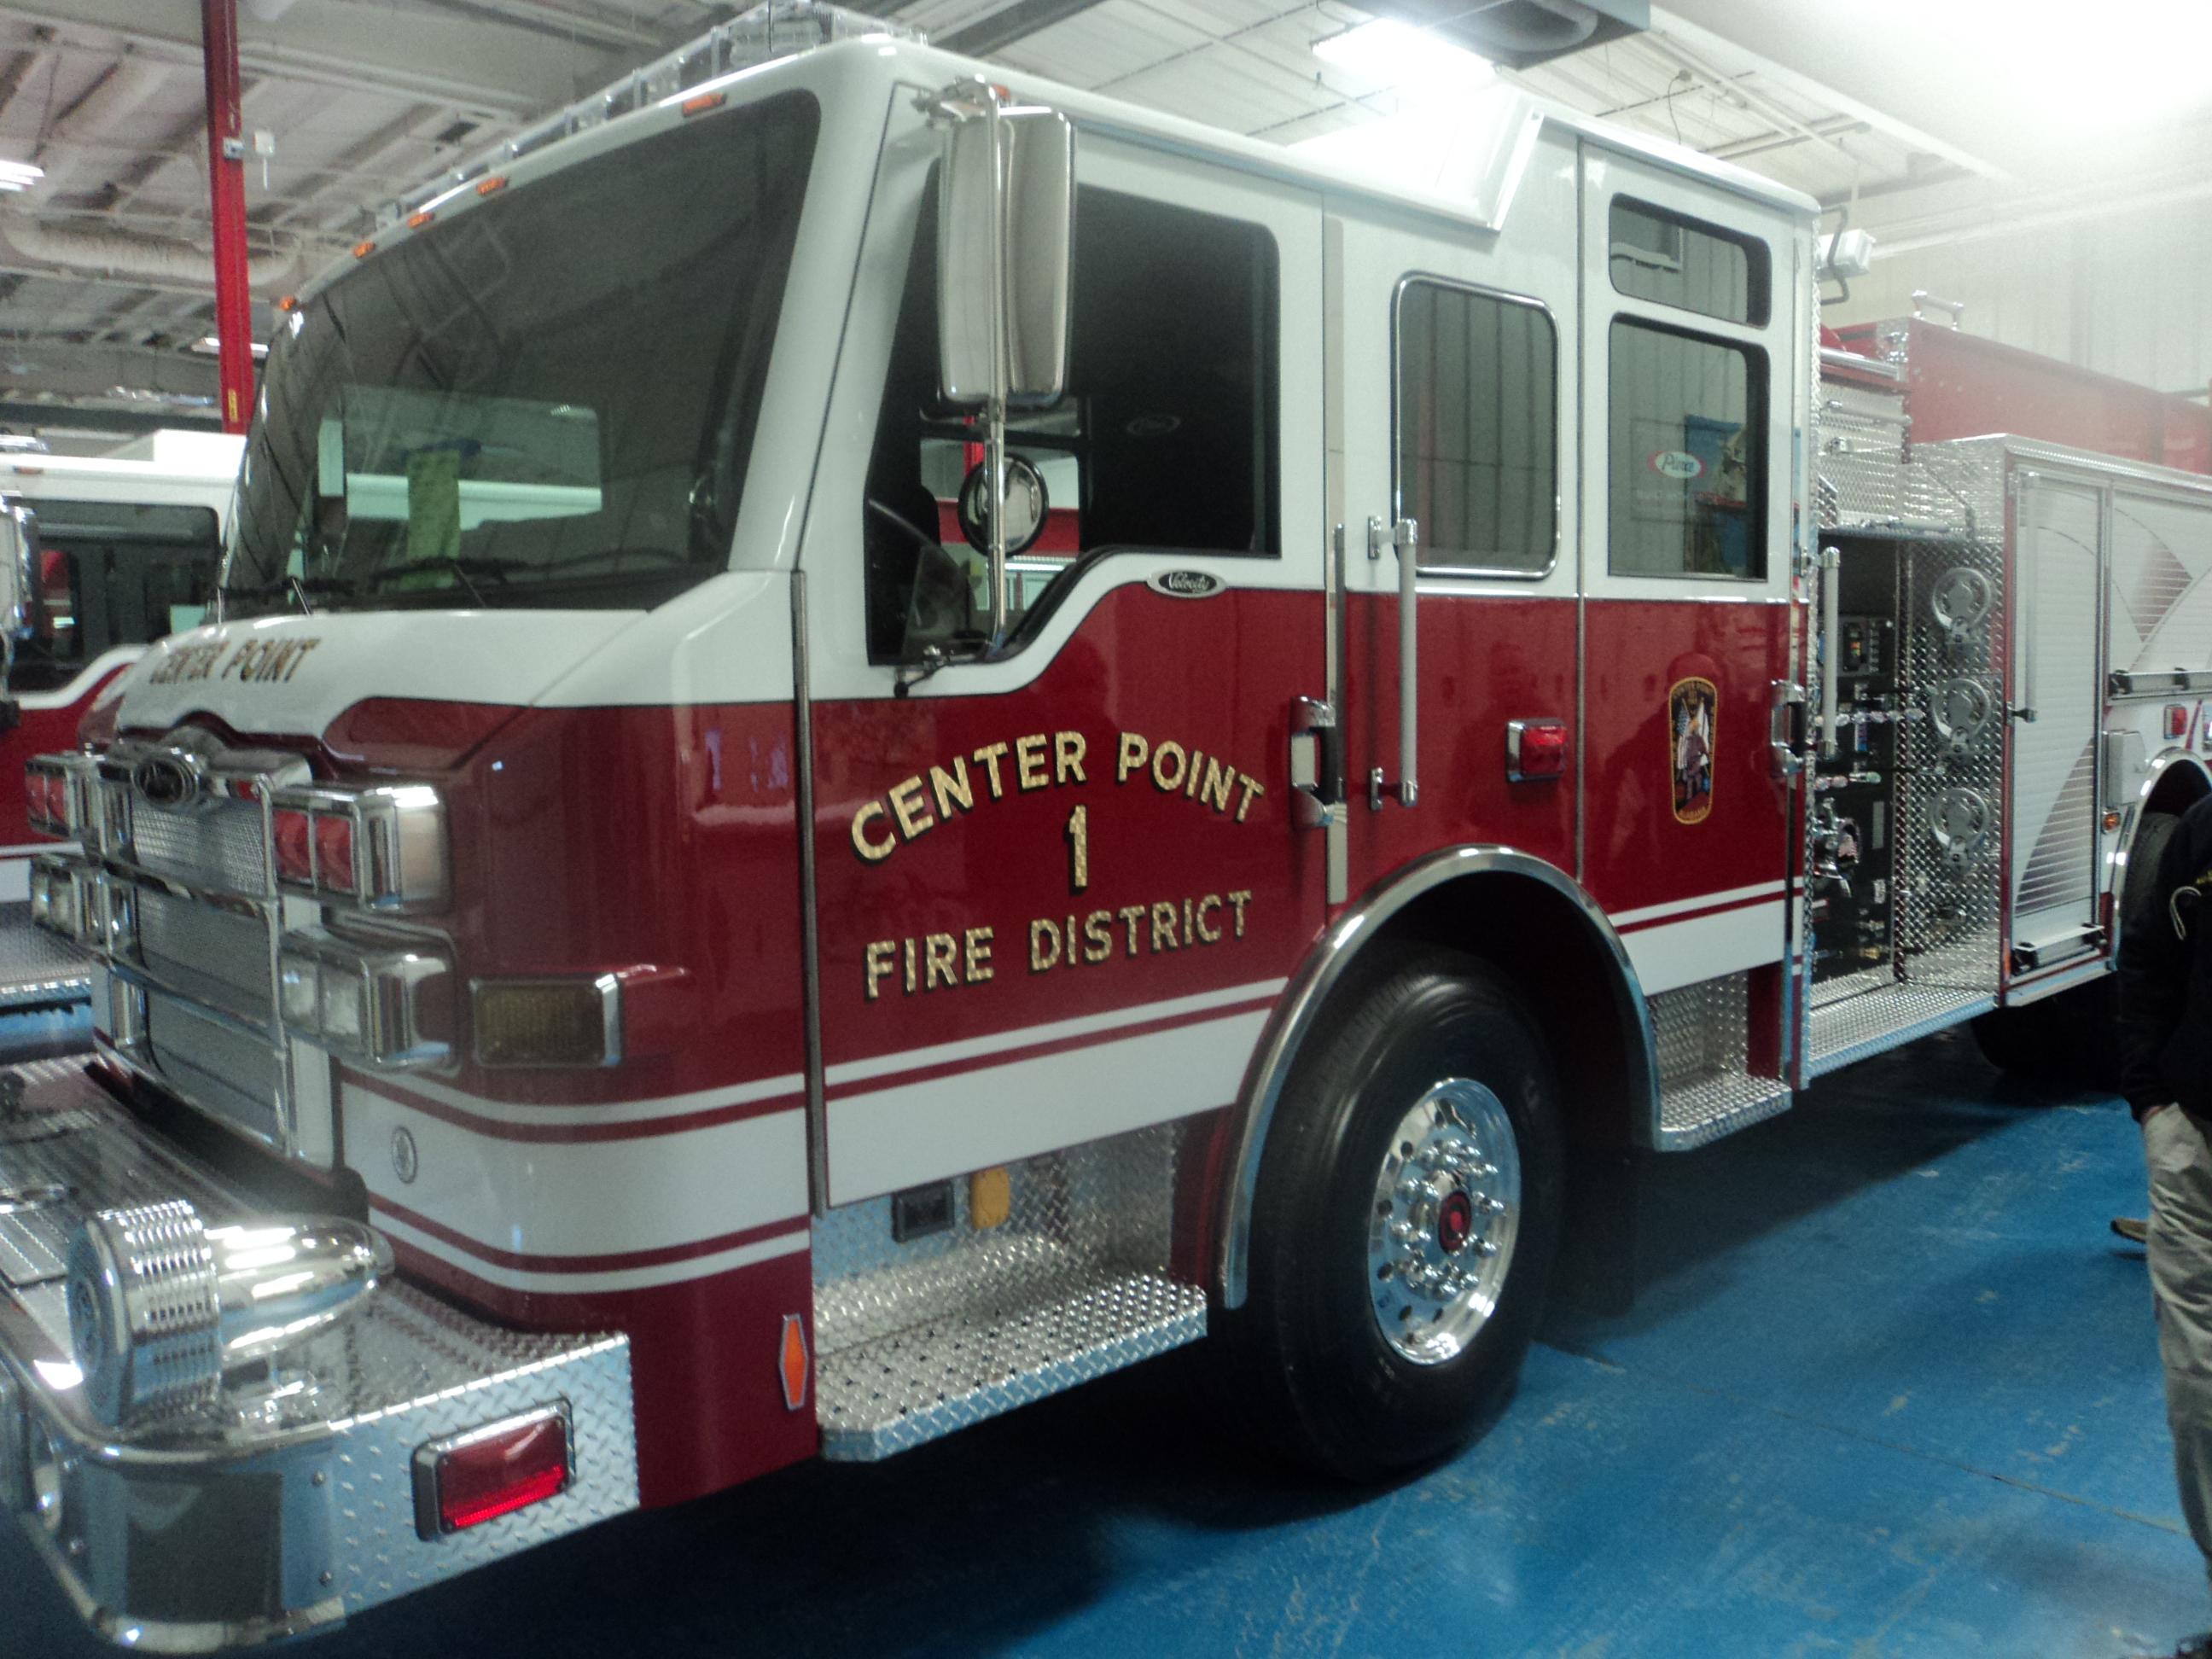 1 dead in overnight fire in Pinson-Clay area